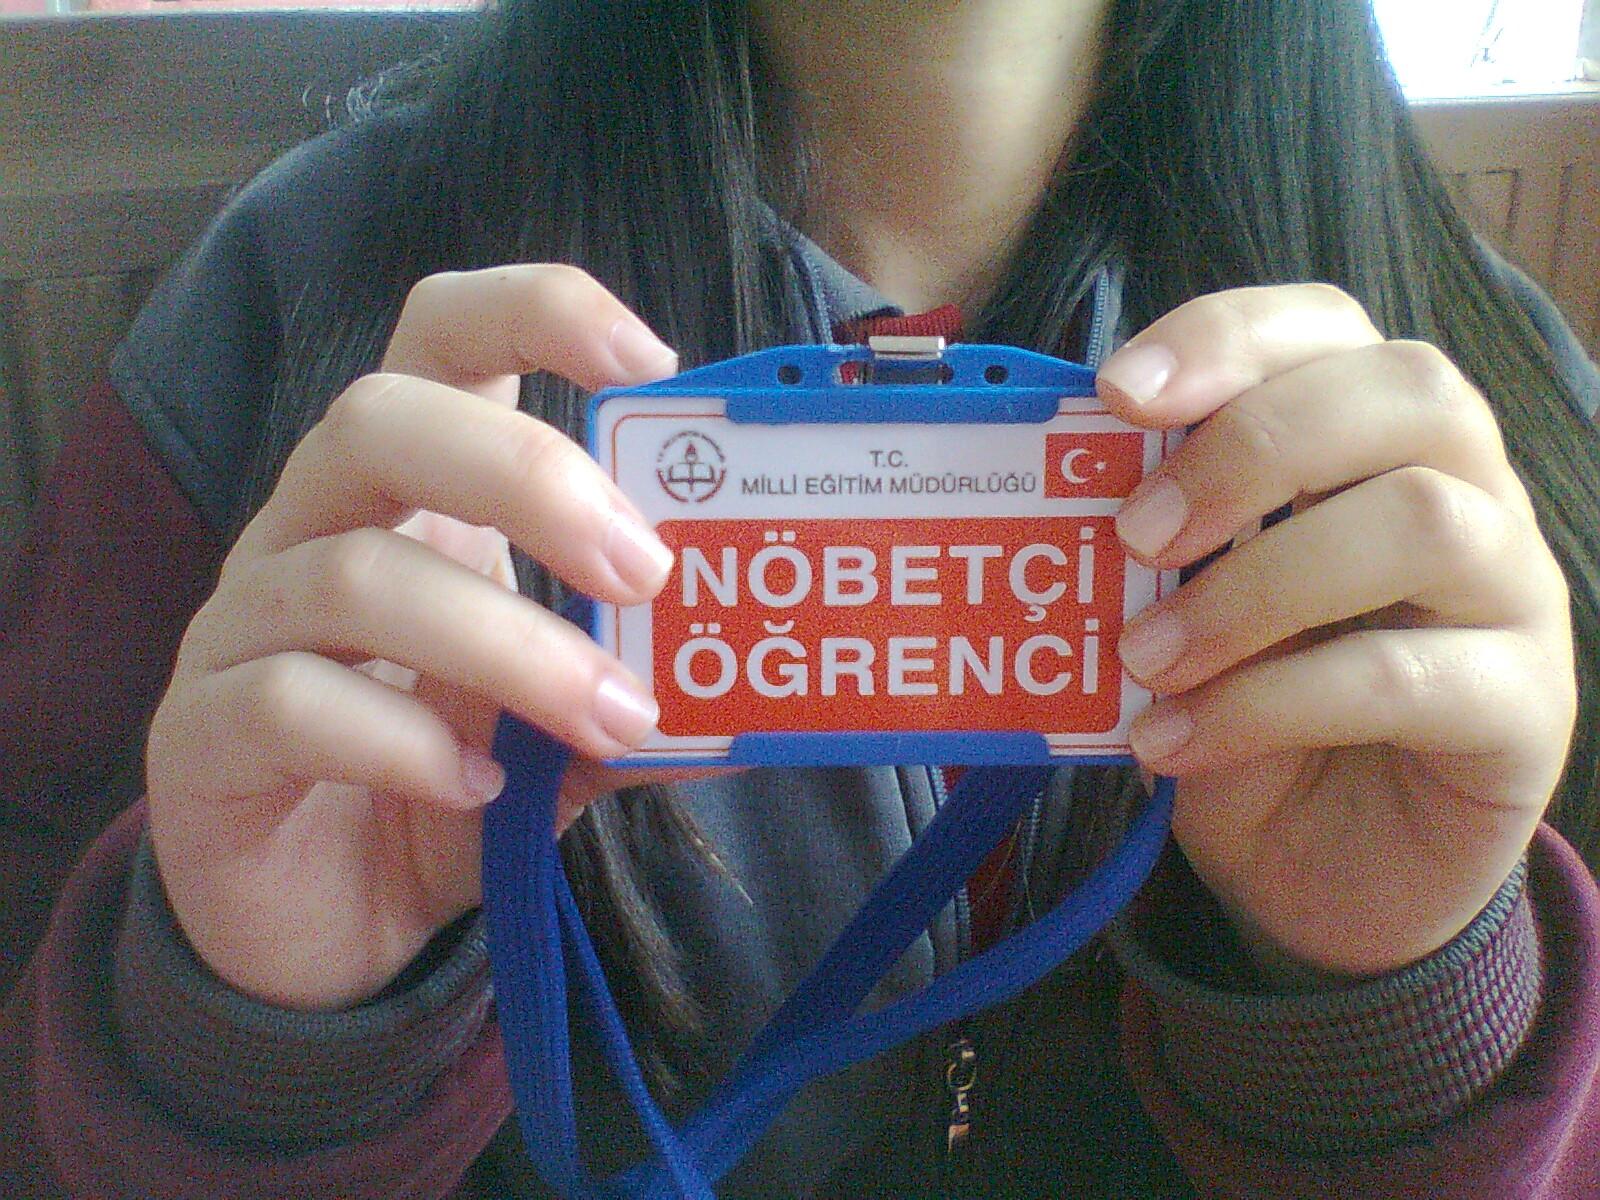 http://3.bp.blogspot.com/-vv4EZ8R9cGA/UJ0-JUTwXDI/AAAAAAAAAak/ODu3lKGuEF4/s1600/seymaoguz0242.jpg